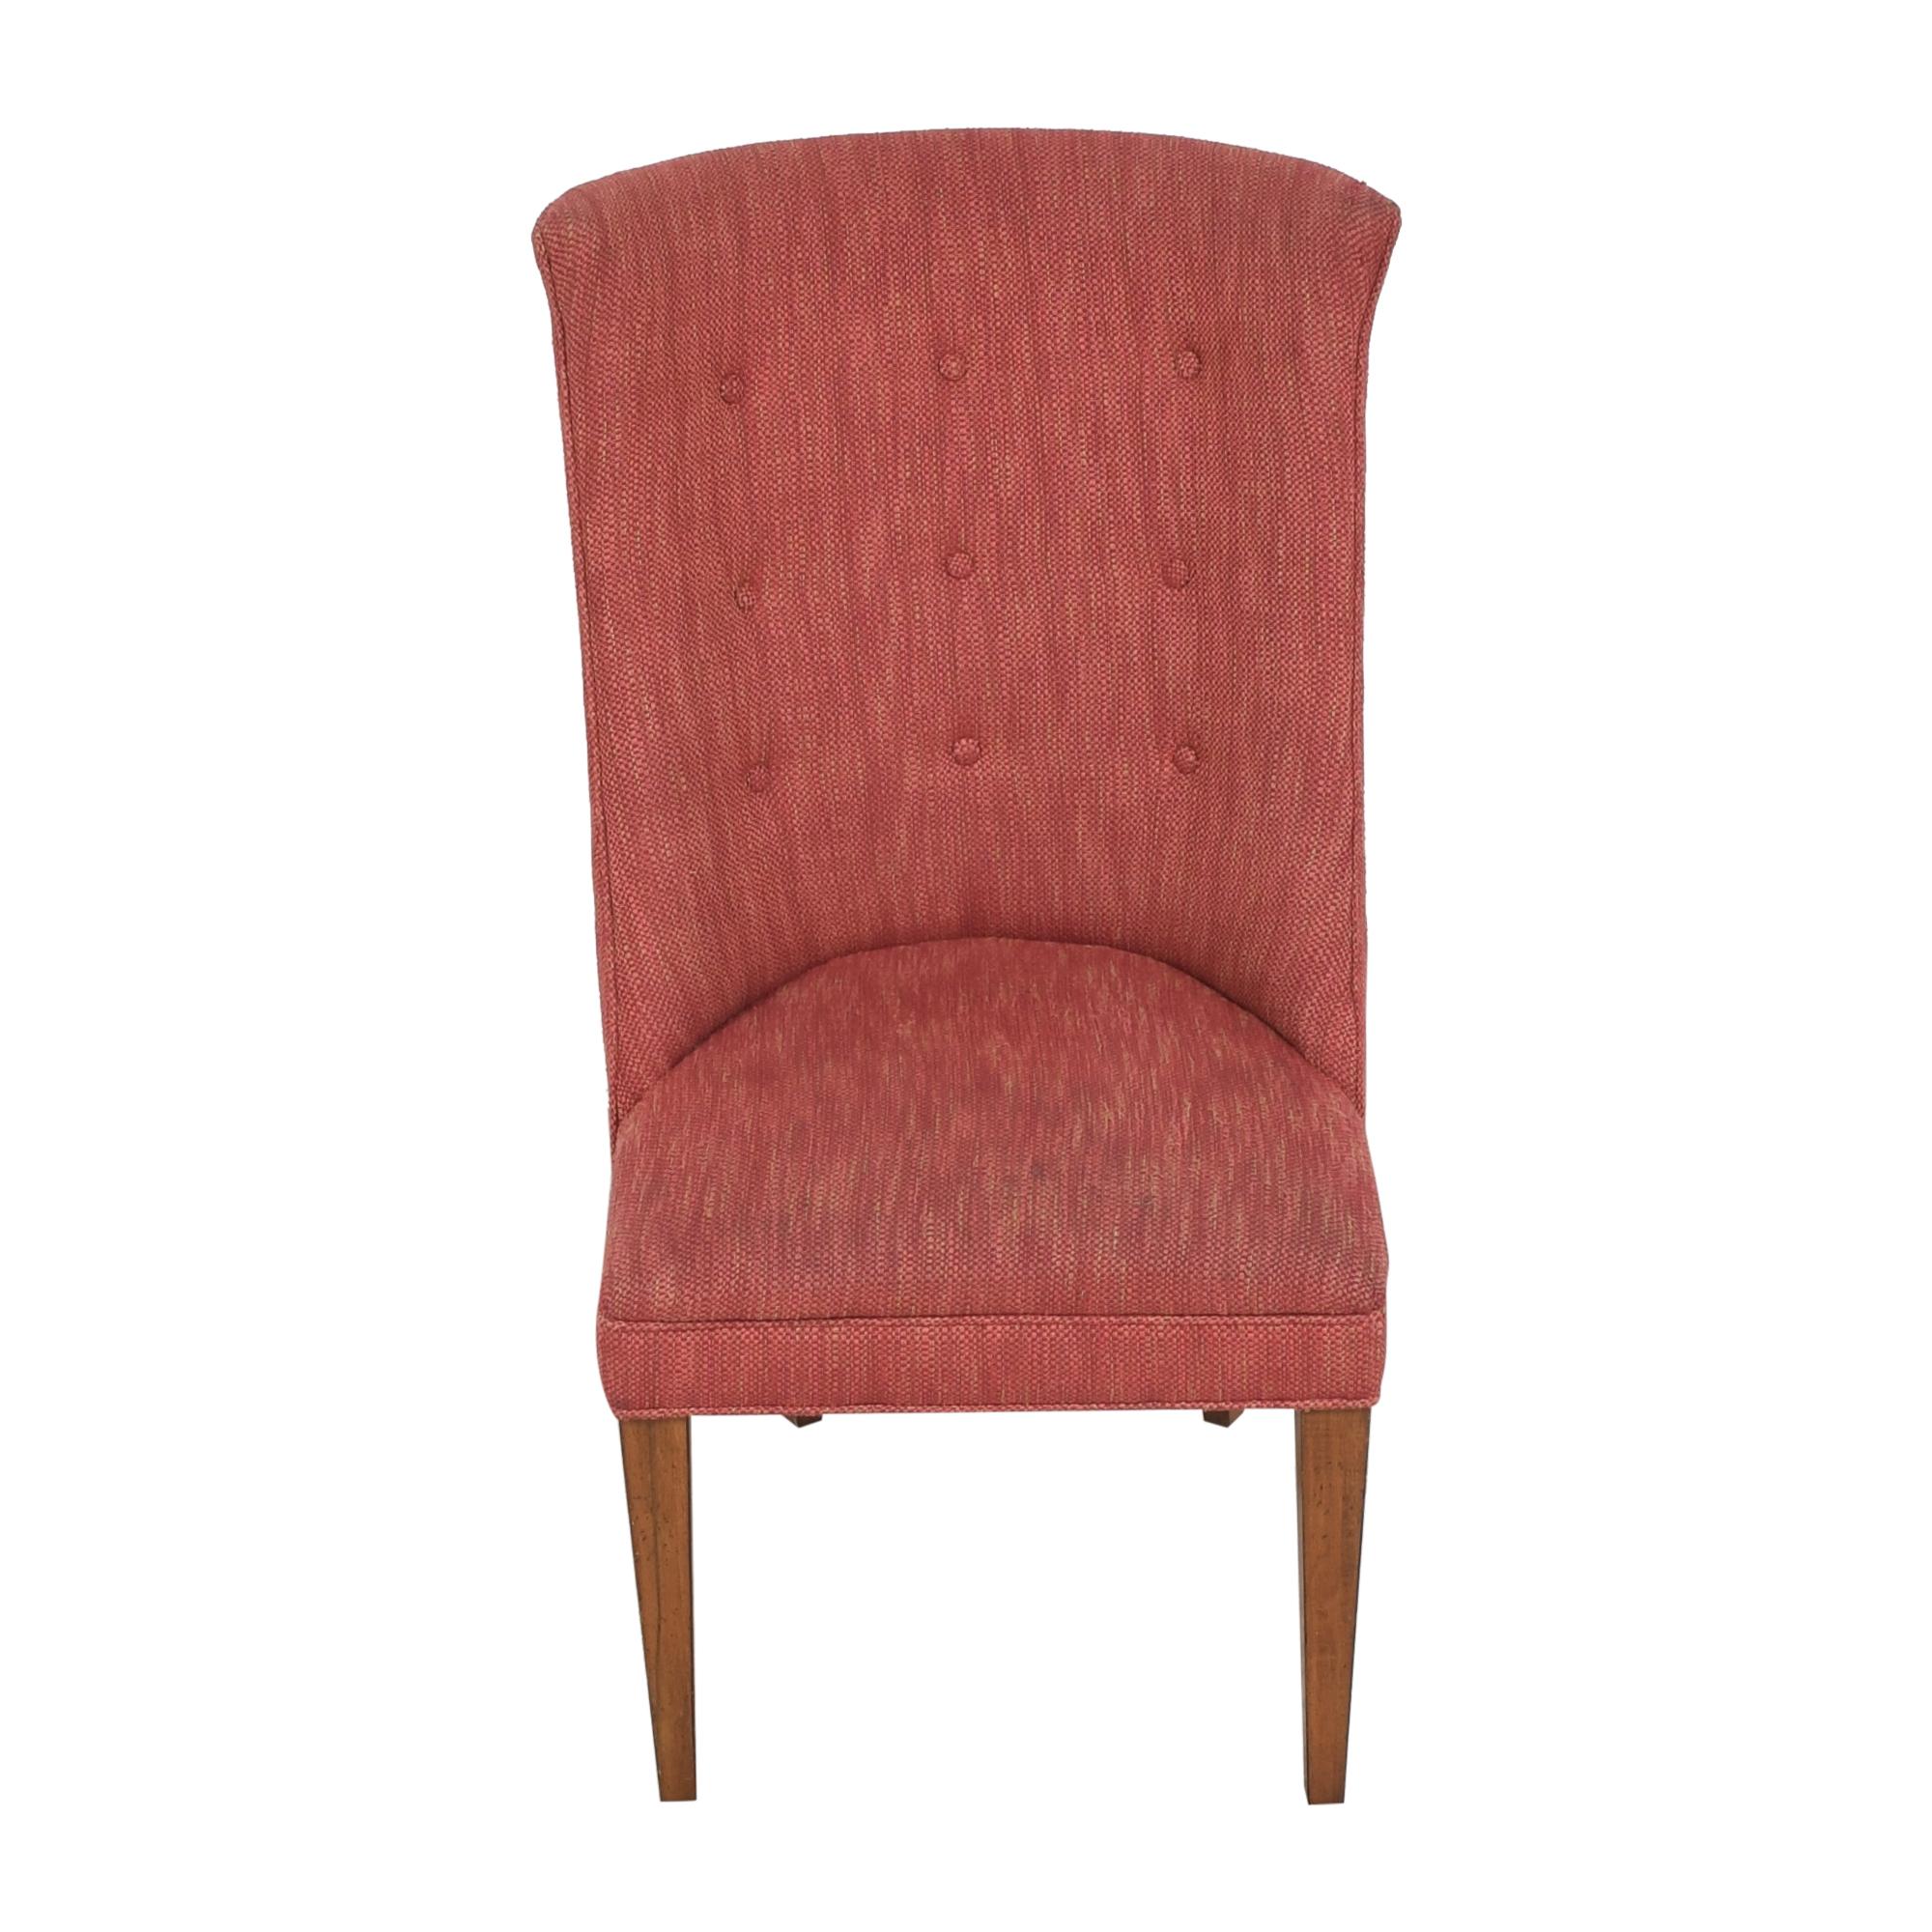 Liz Claiborne Liz Claiborne Tufted Accent Chair nj